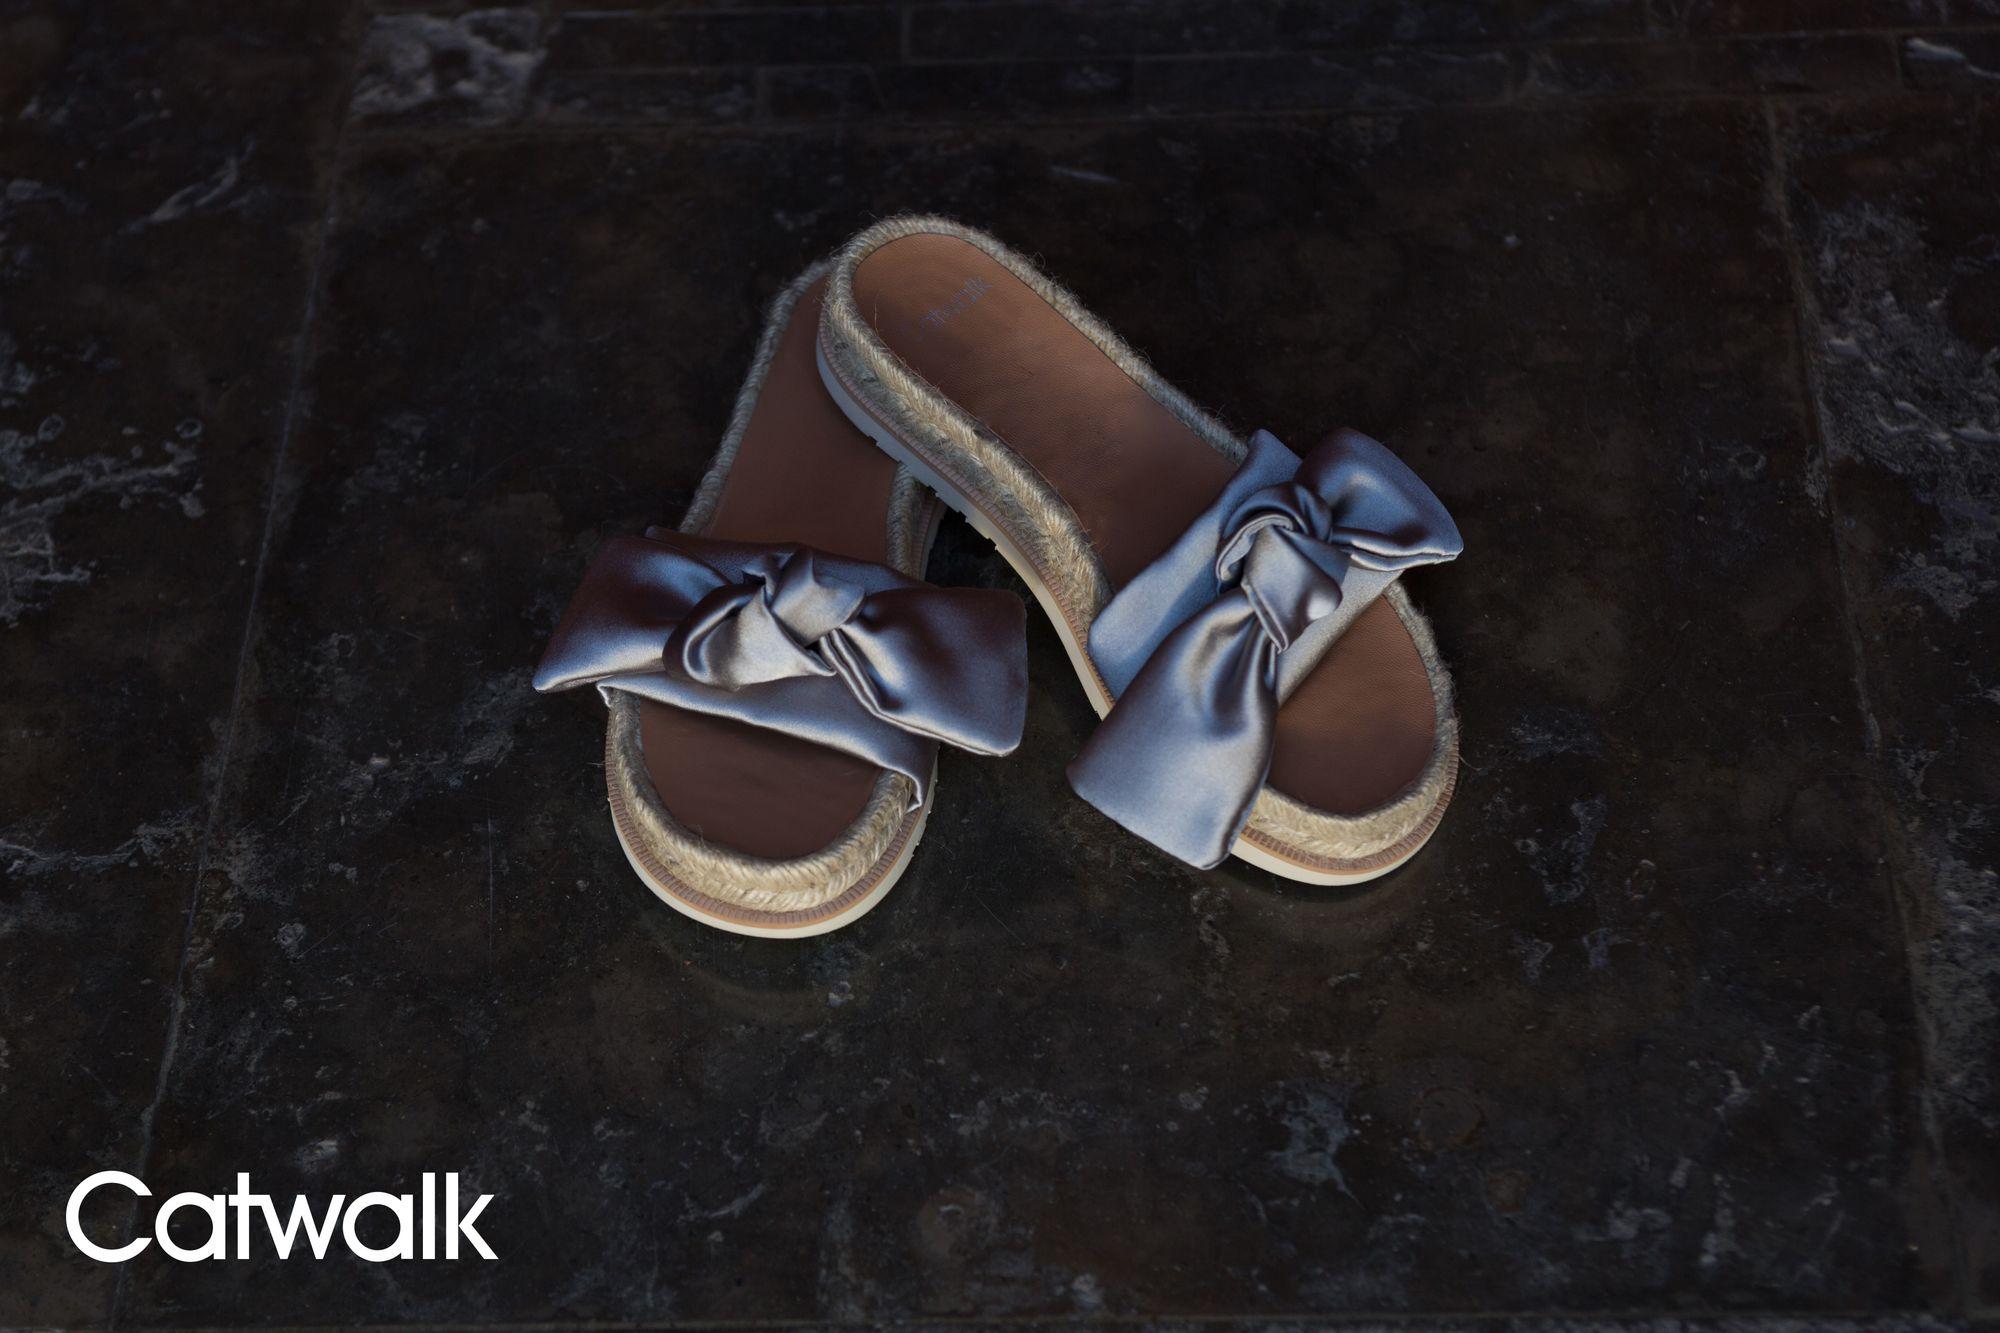 Catwalk Footwear: Belgische mode in de spotlights